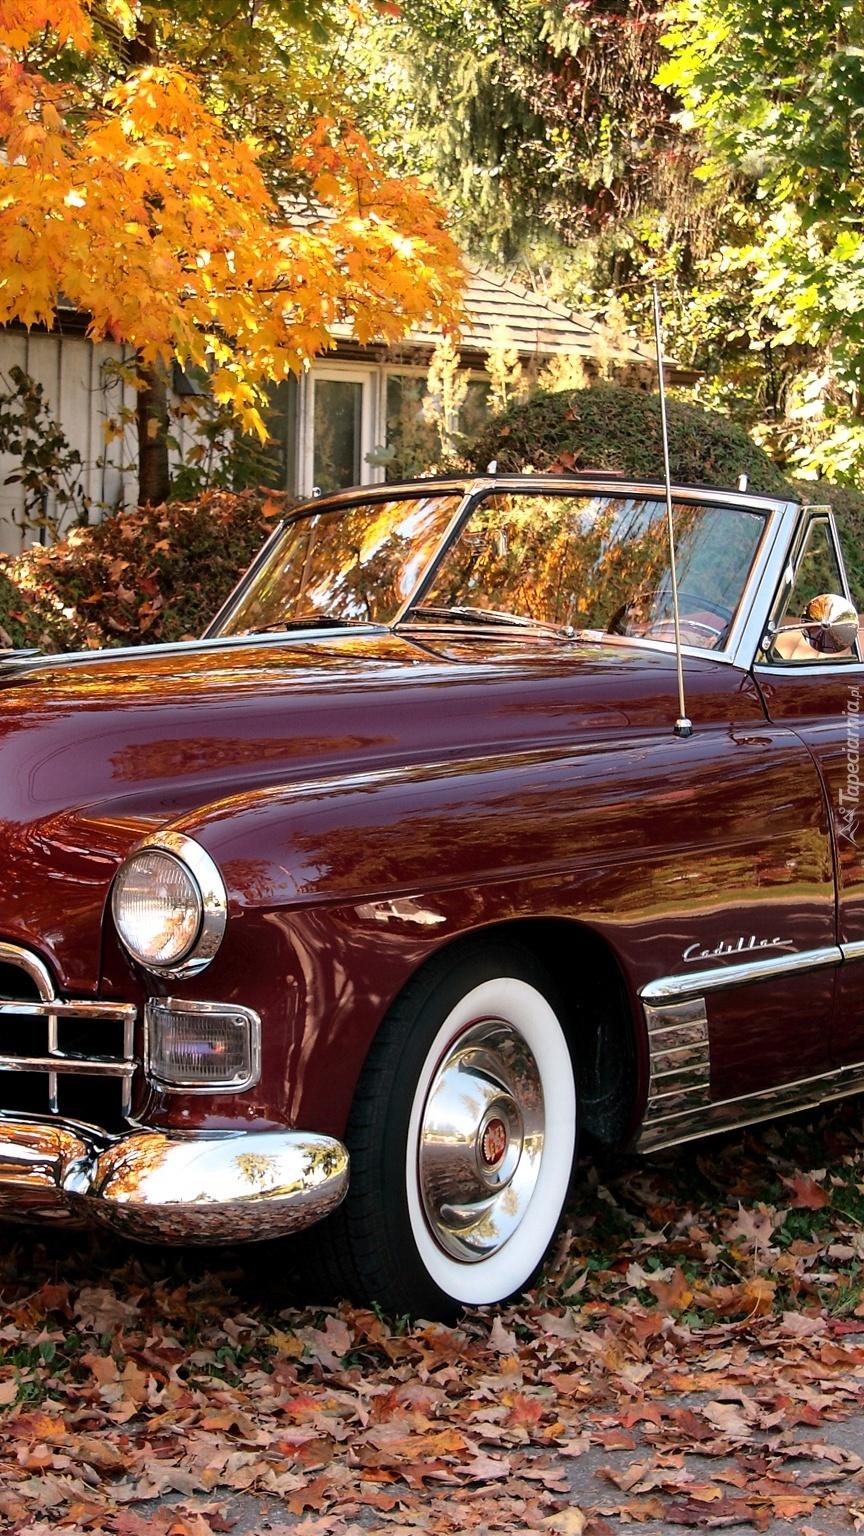 Bordowy Cadillac przed domem jesienią